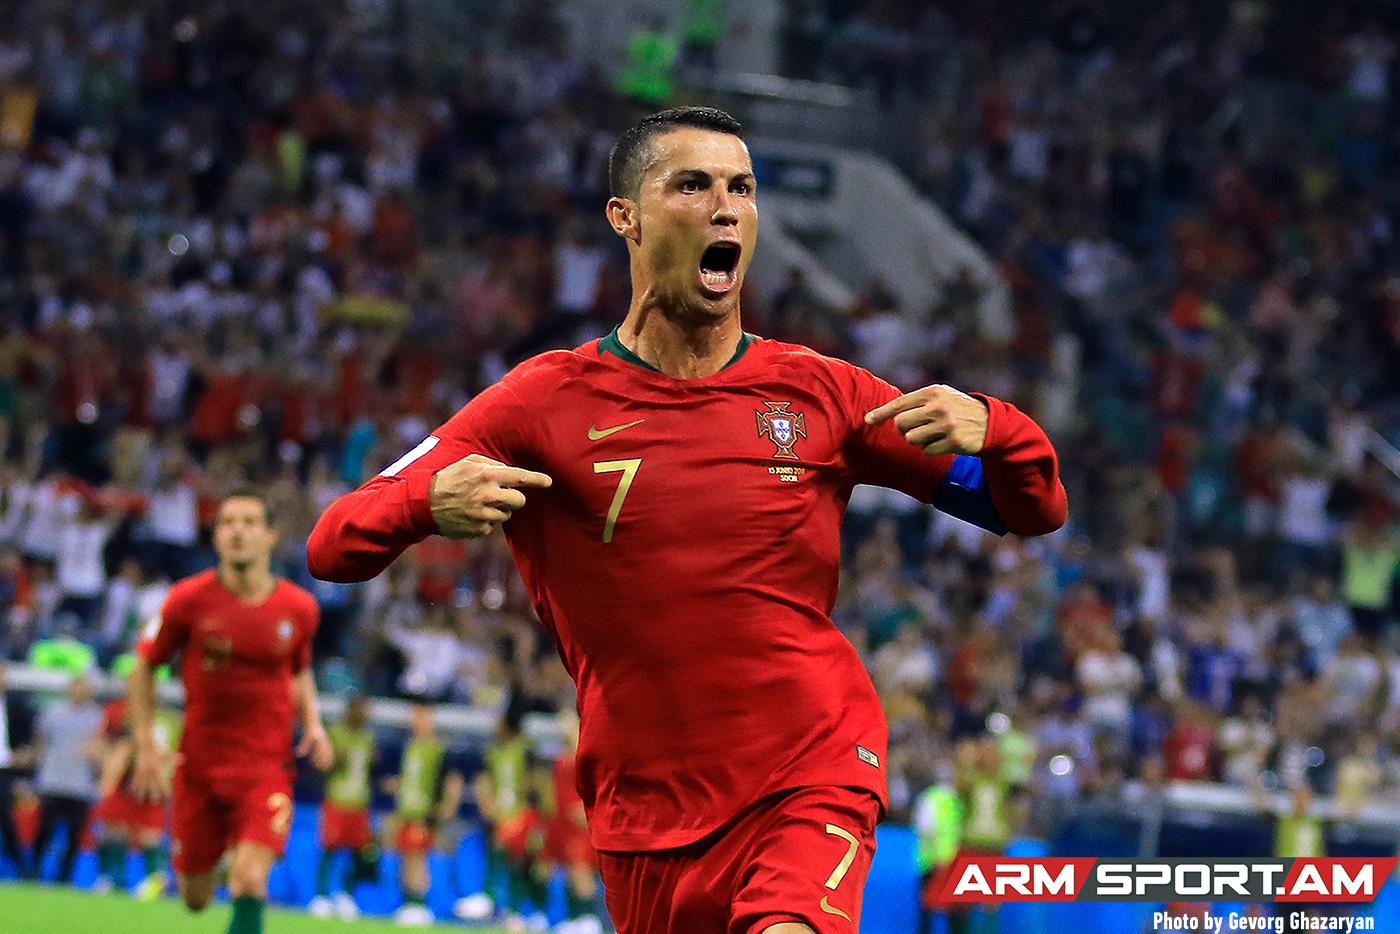 Կրիշտիանու Ռոնալդու՝ 35․ Աշխարհի լավագույն ֆուտբոլիստներից մեկը Armsport-ի լուսանկարներում